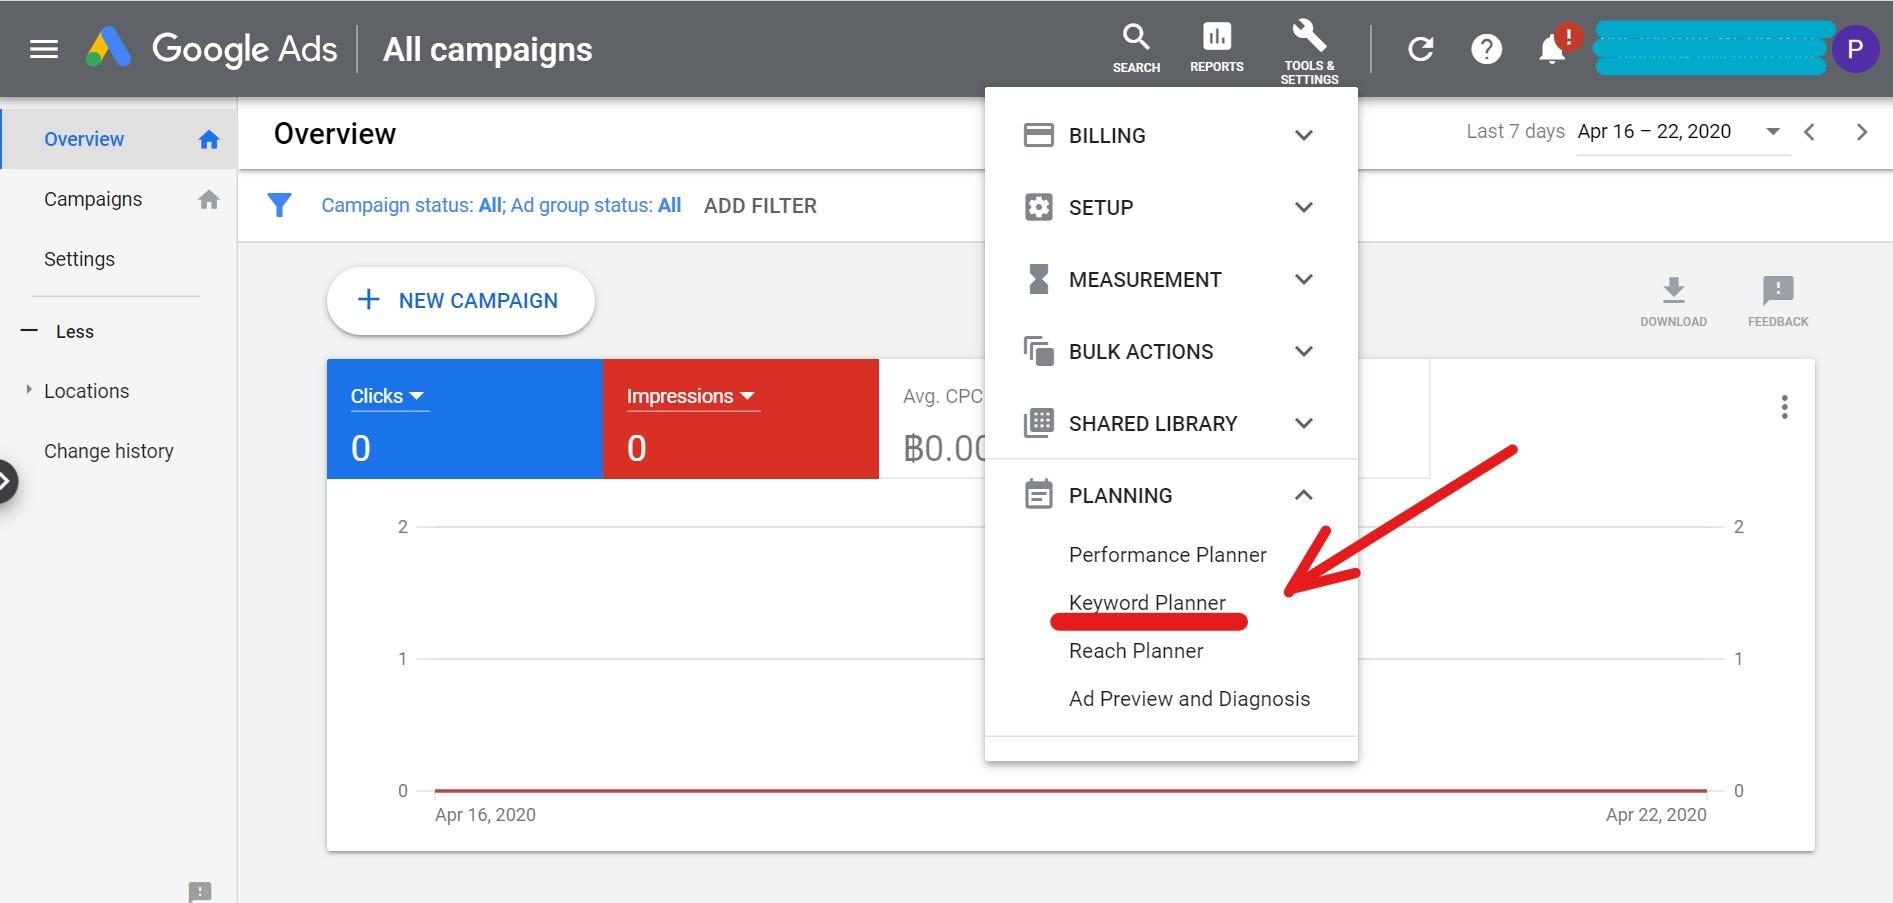 โปรแกรมหา keyword, google adwords ใช้ยังไง, หา keyword ฟรี